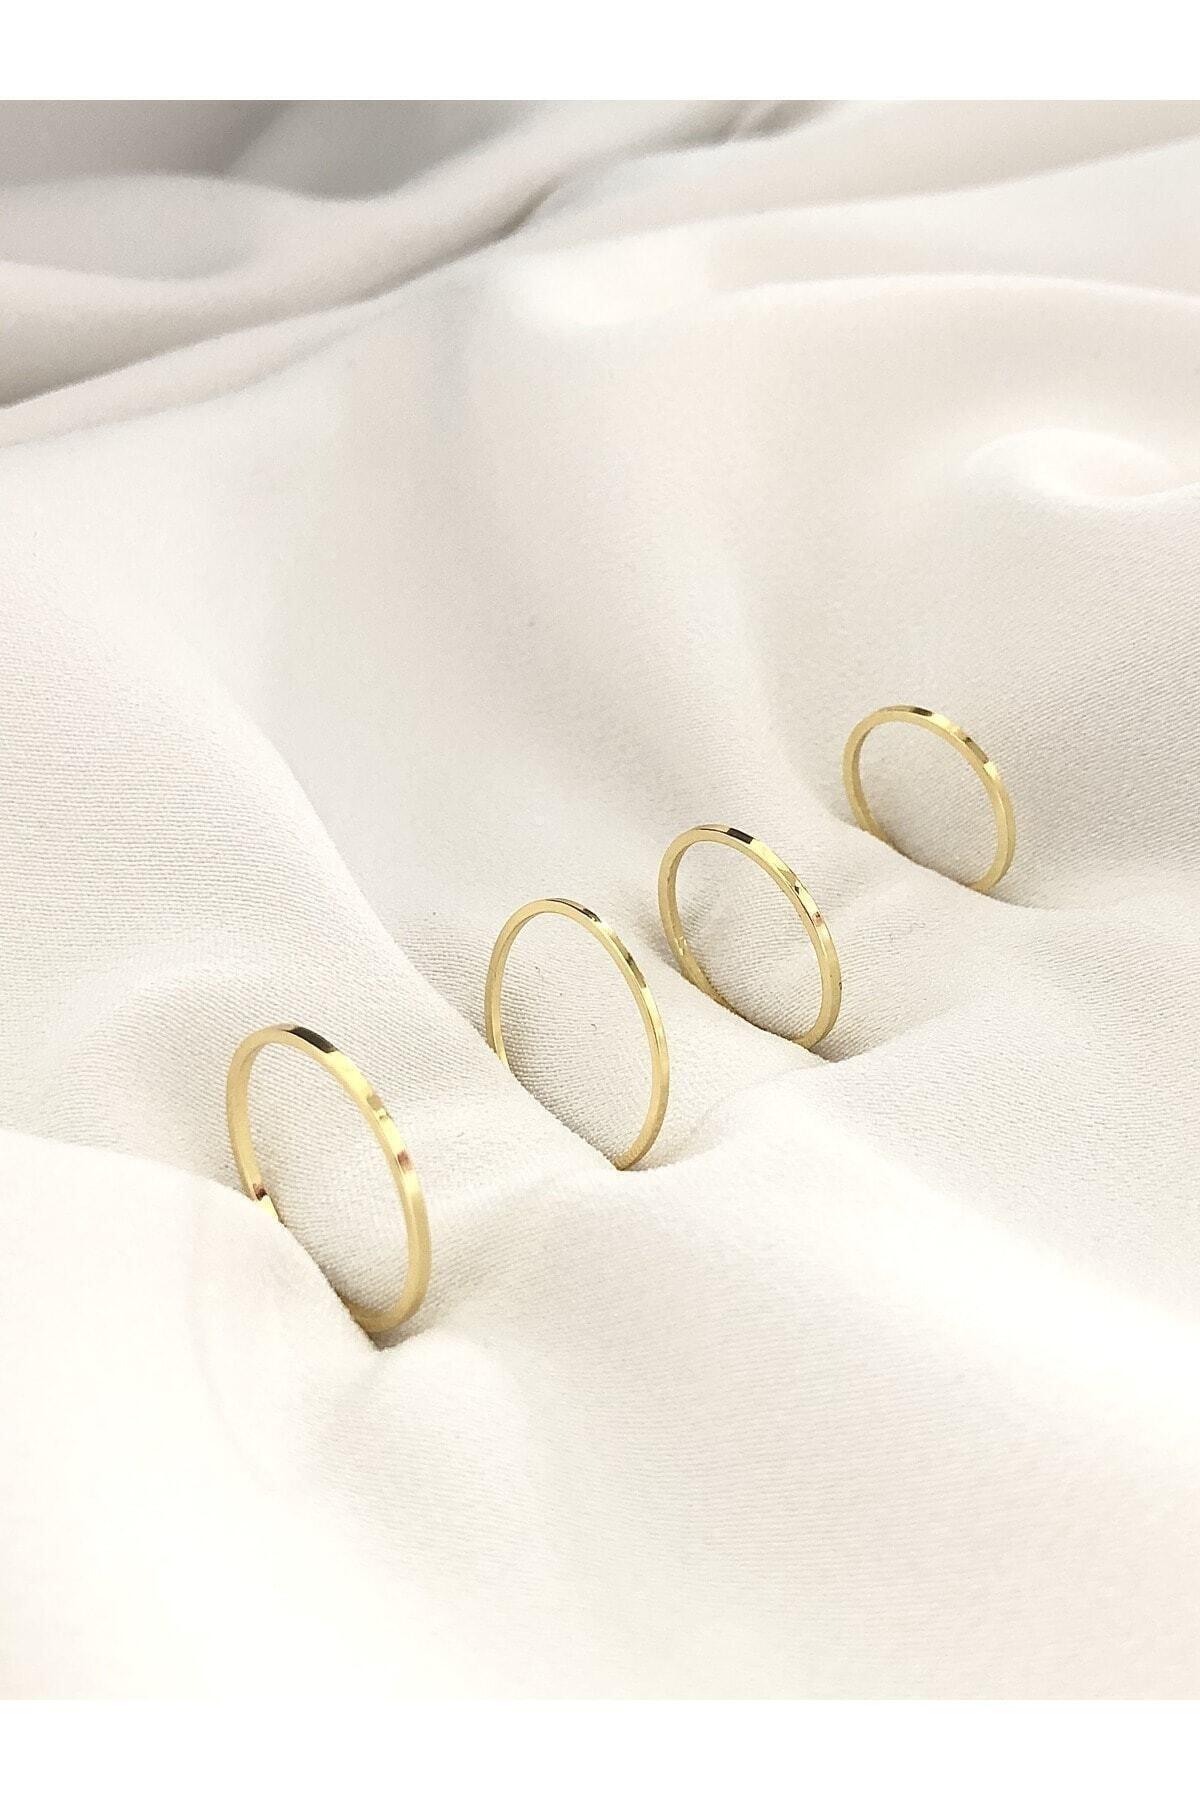 The Y Jewelry Kadın Altın Renk 4lü Eklem Yüzük 1